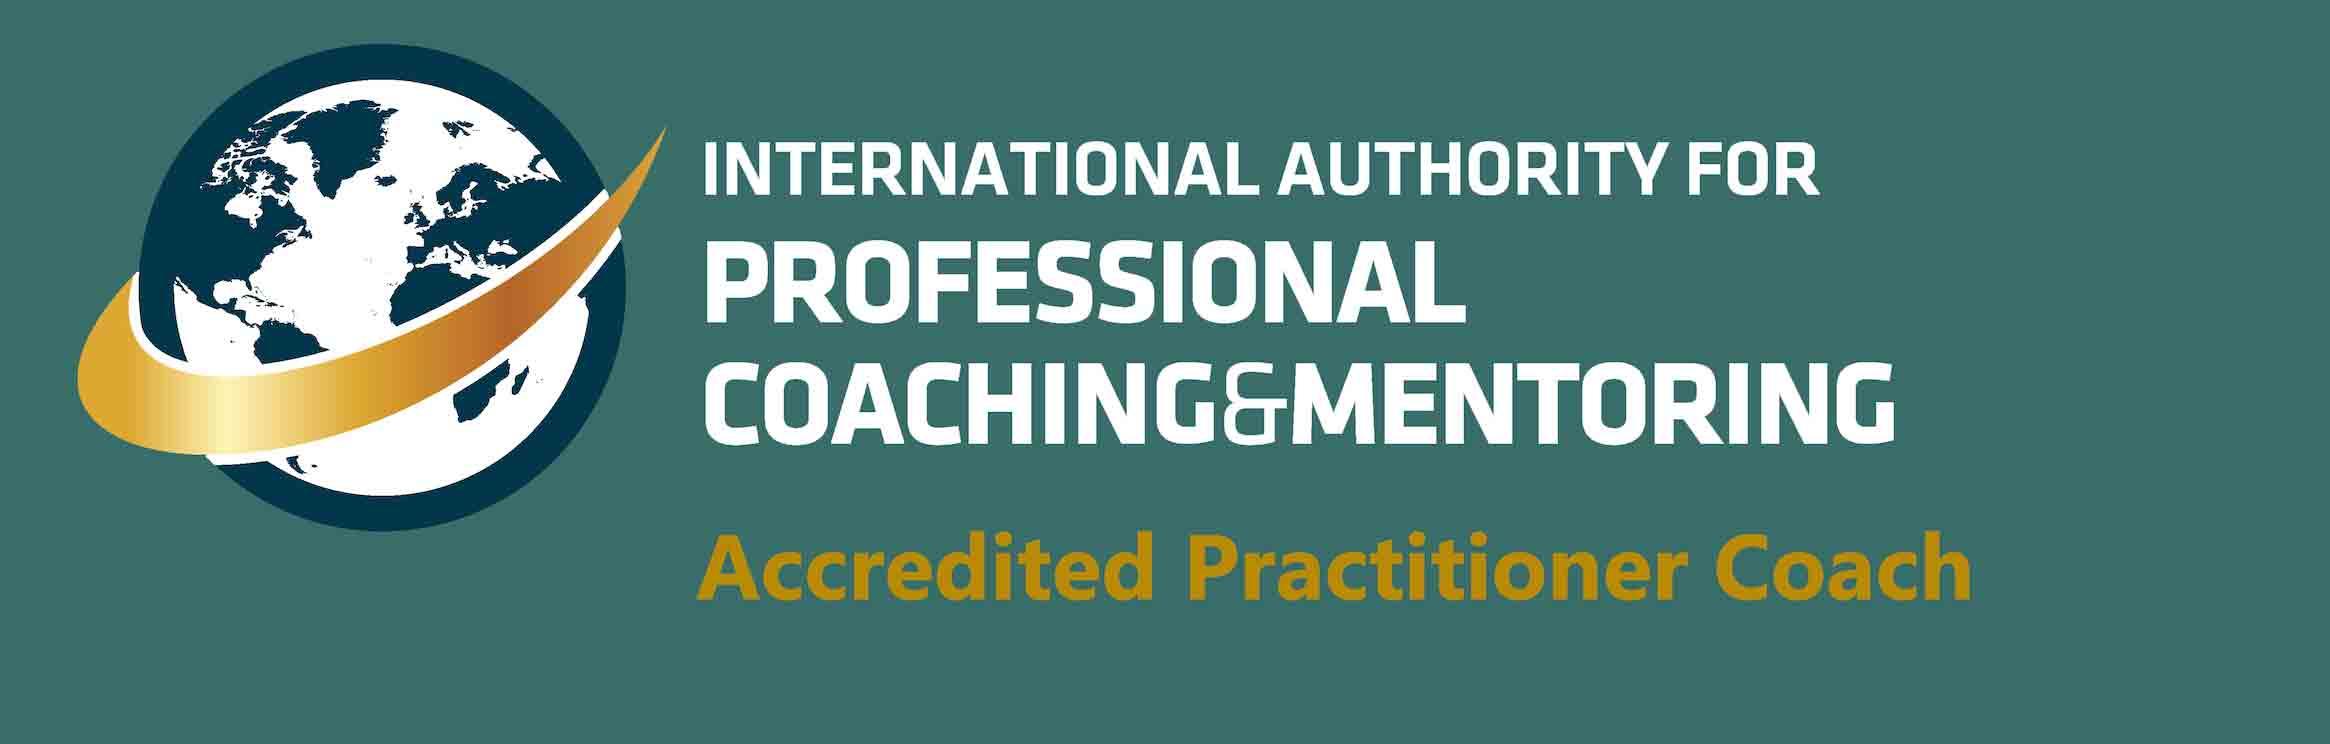 Life Coaching Regulator IAPC&M Logo